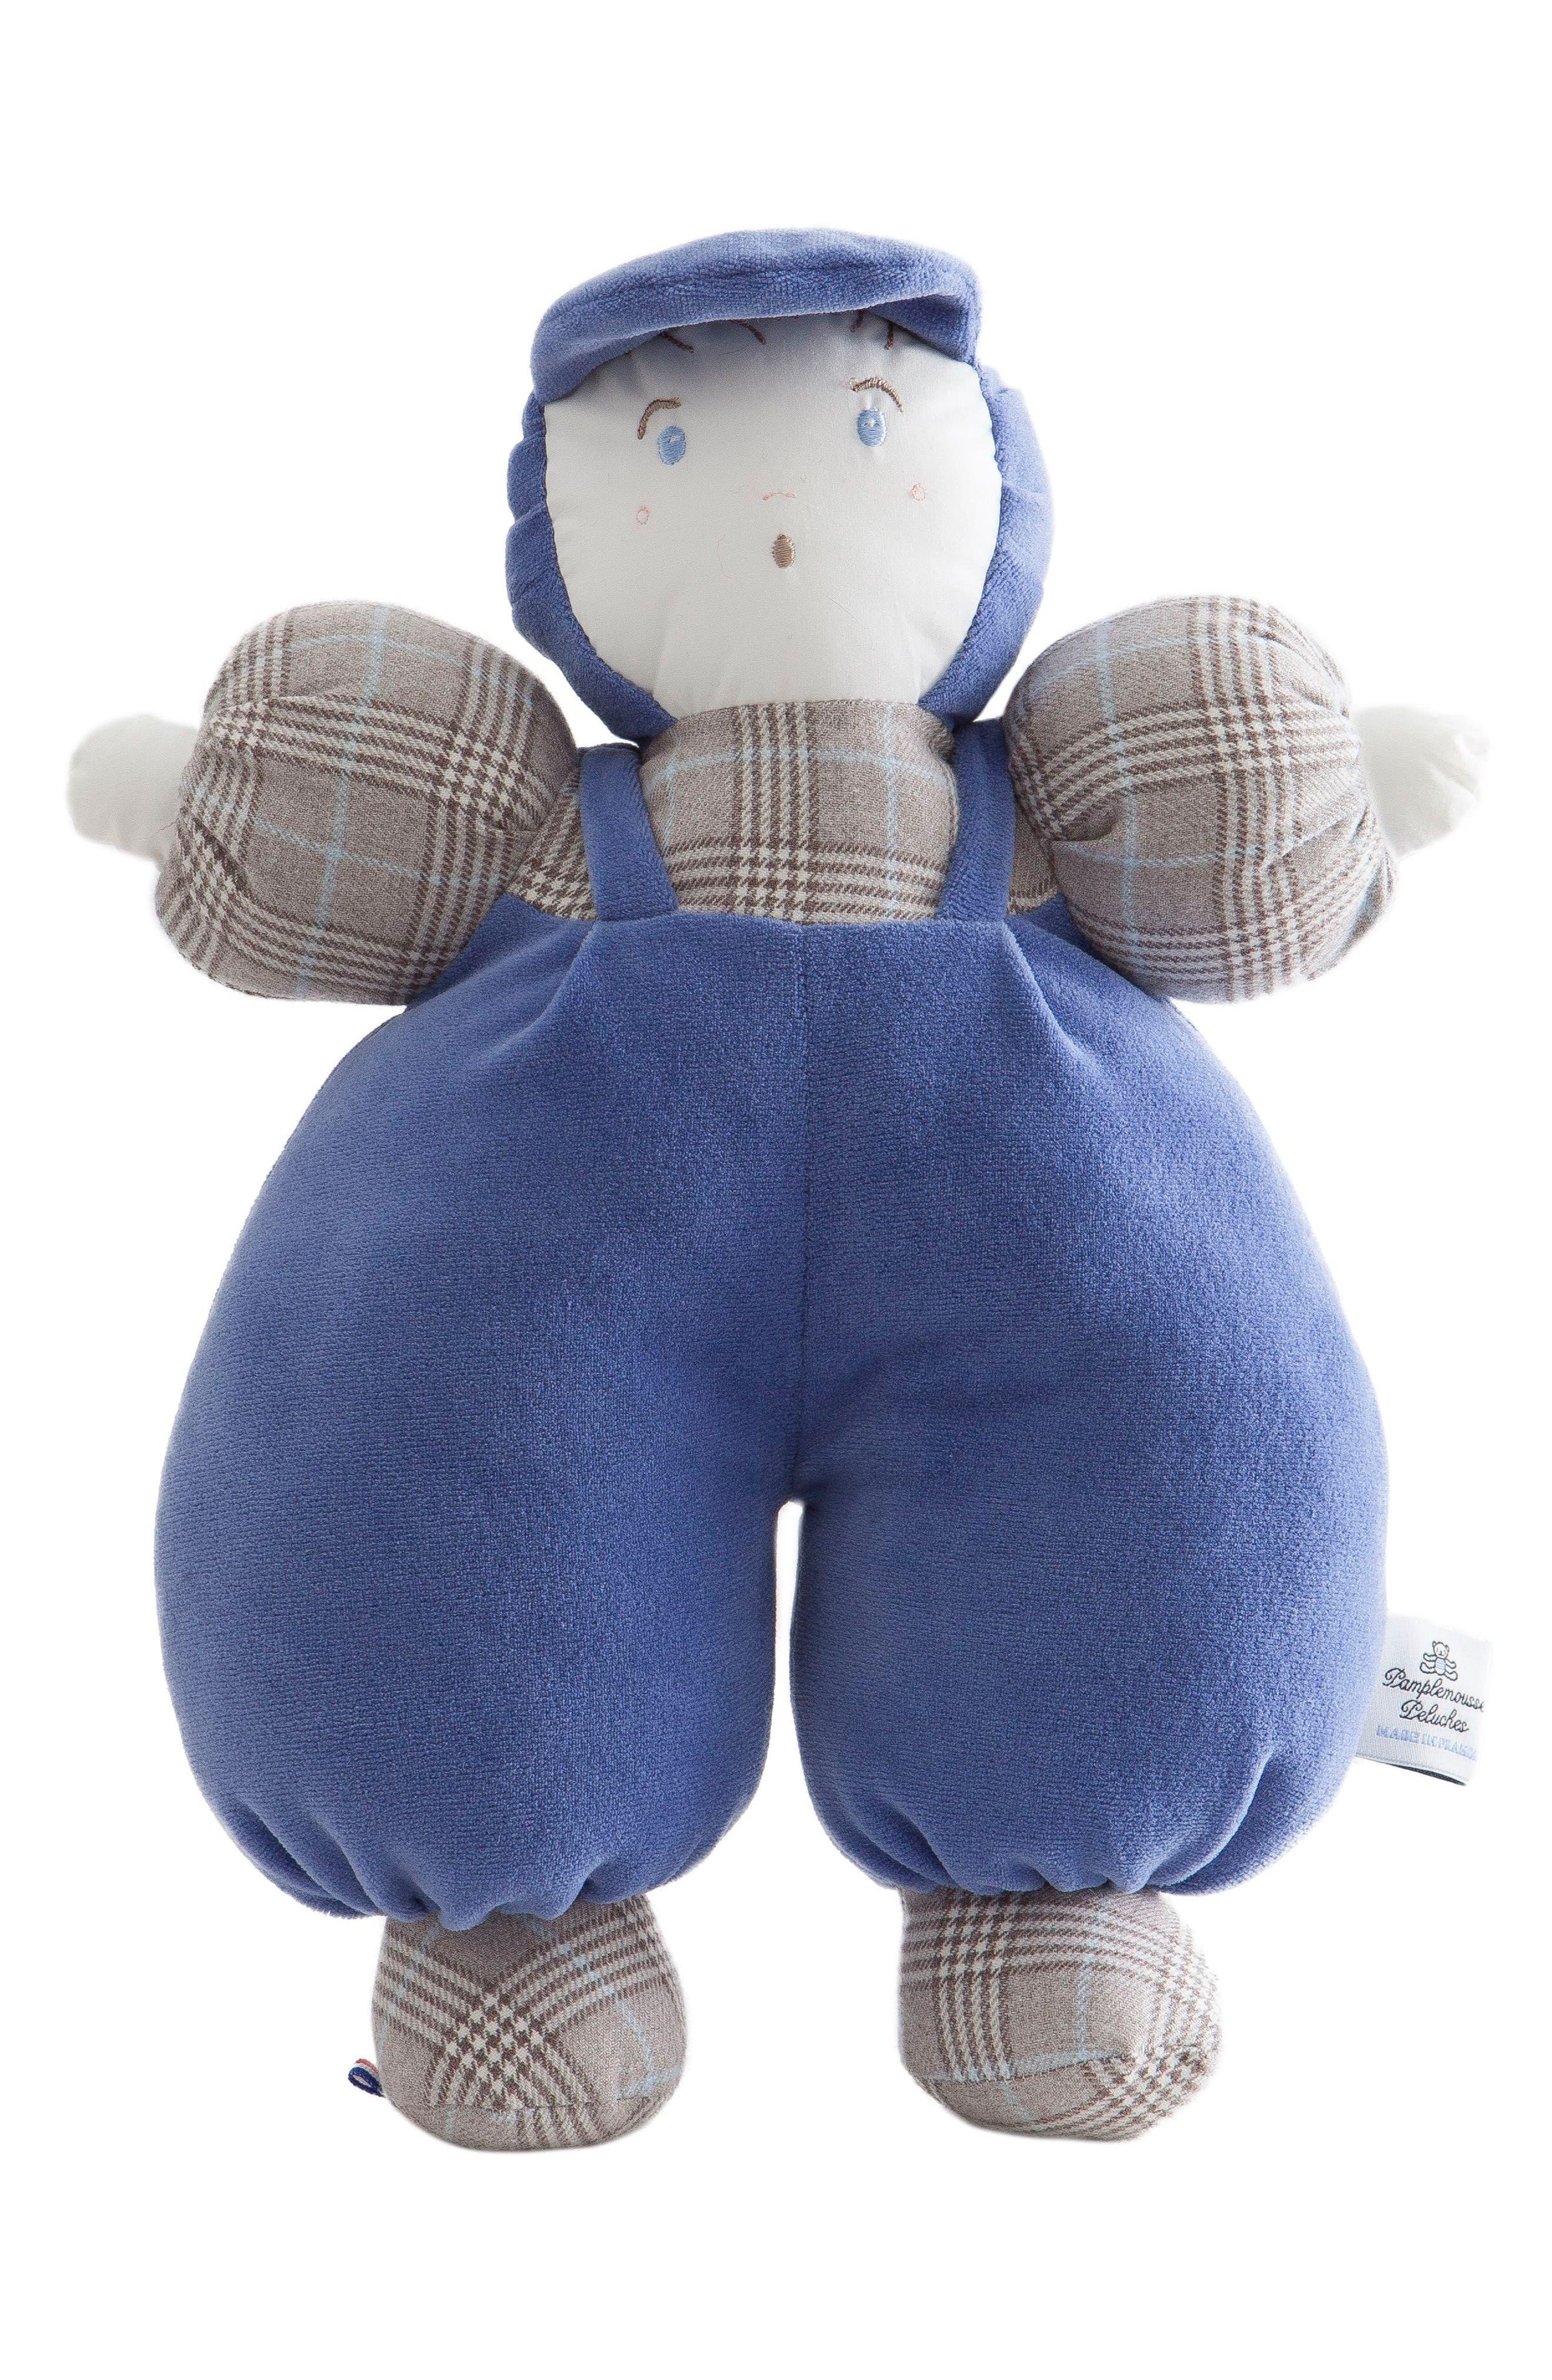 Pamplemousse Peluches Steve Rag Doll